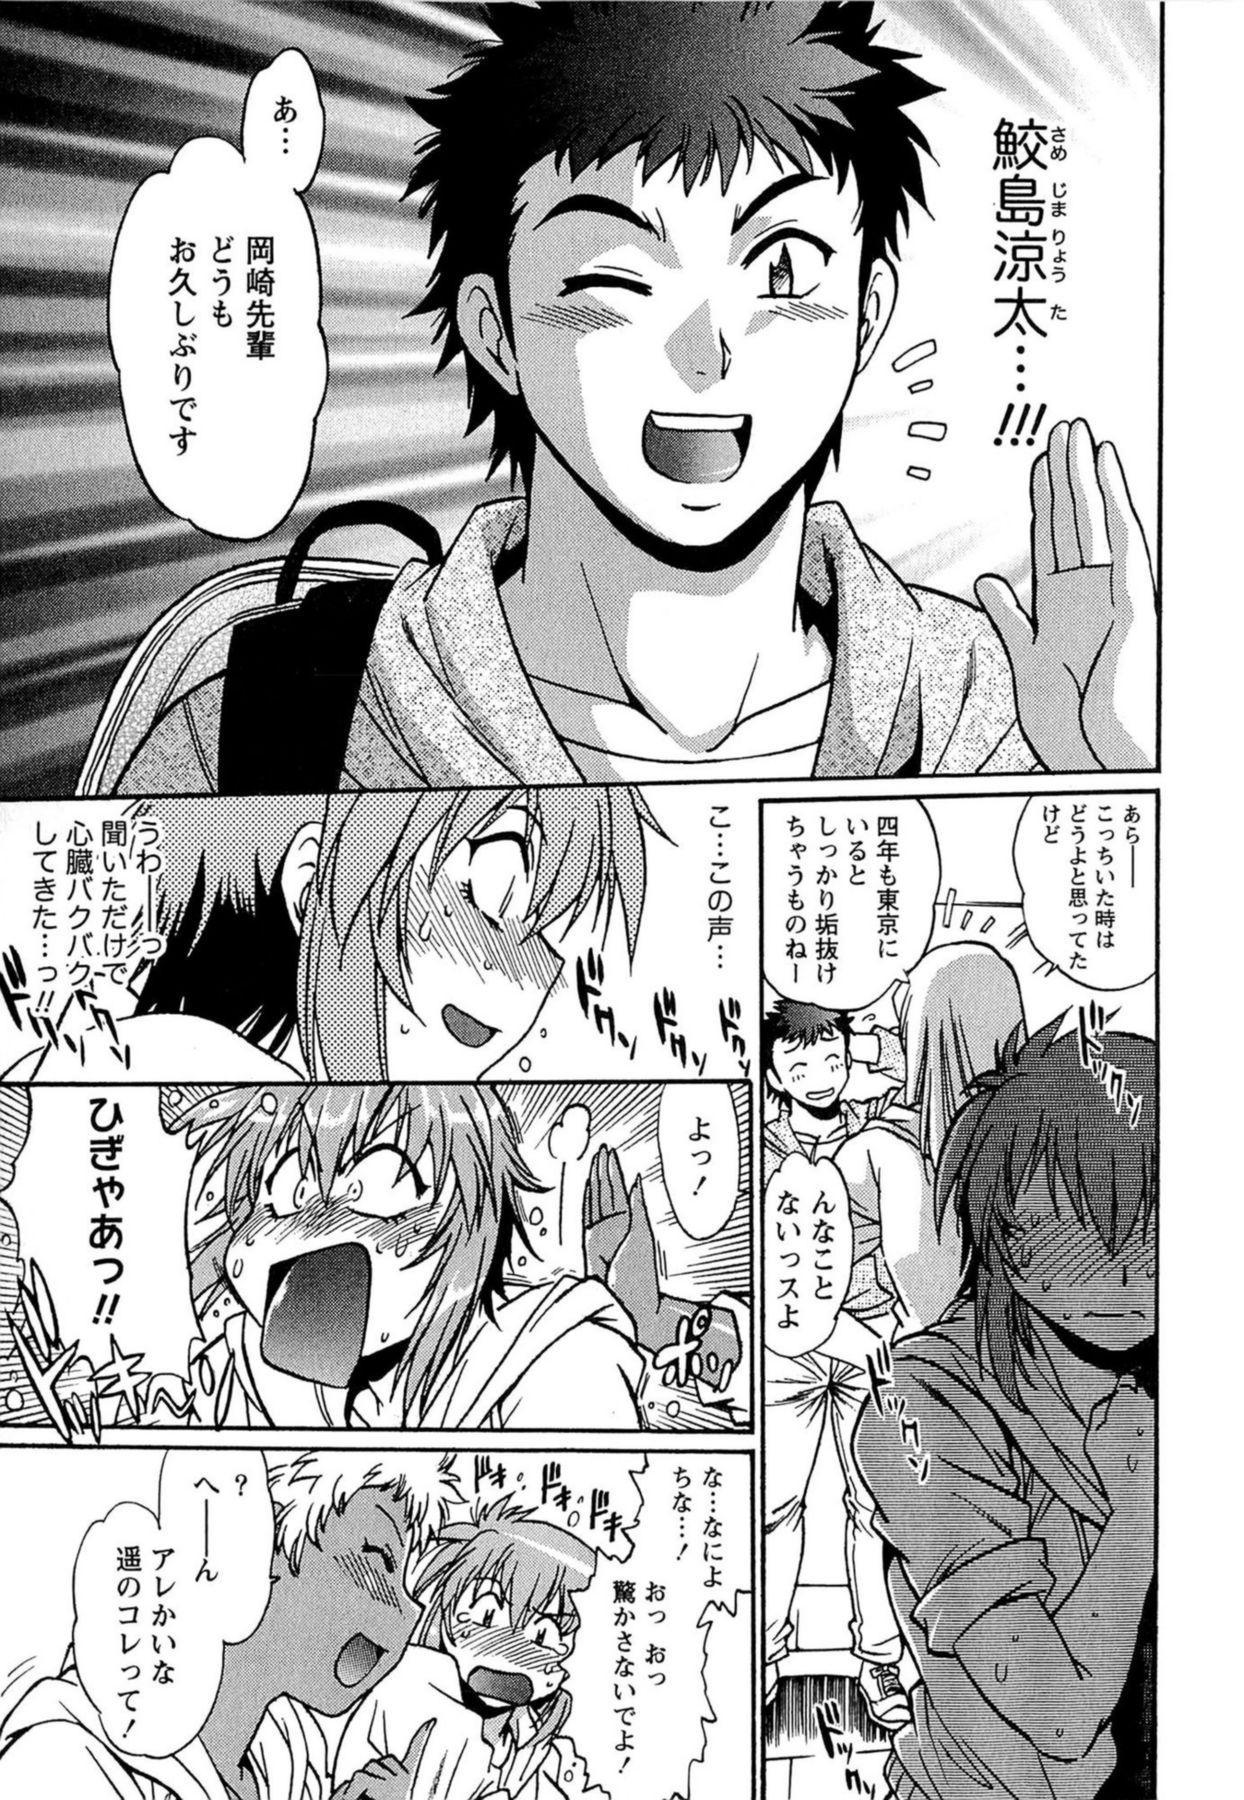 Kuikomi wo Naoshiteru Hima wa Nai! Vol. 1 13